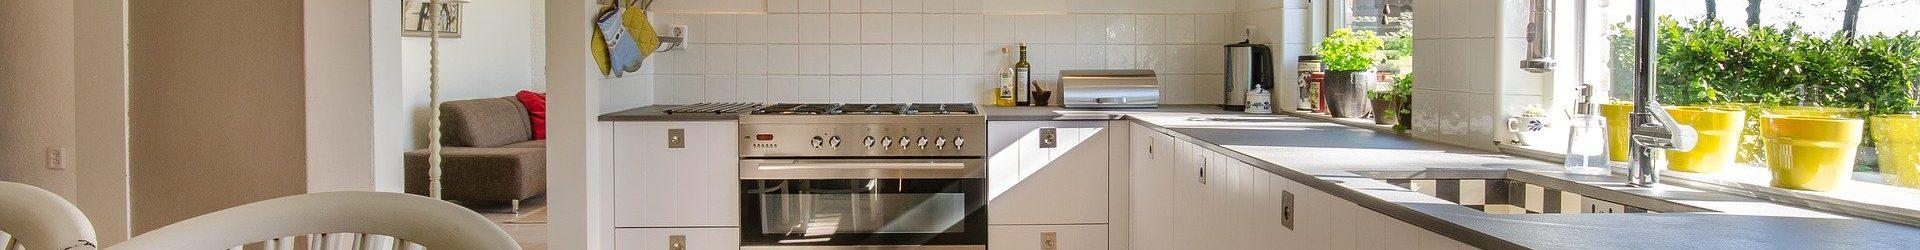 Une cuisine personnalisée avec un fond de hotte sur mesure !